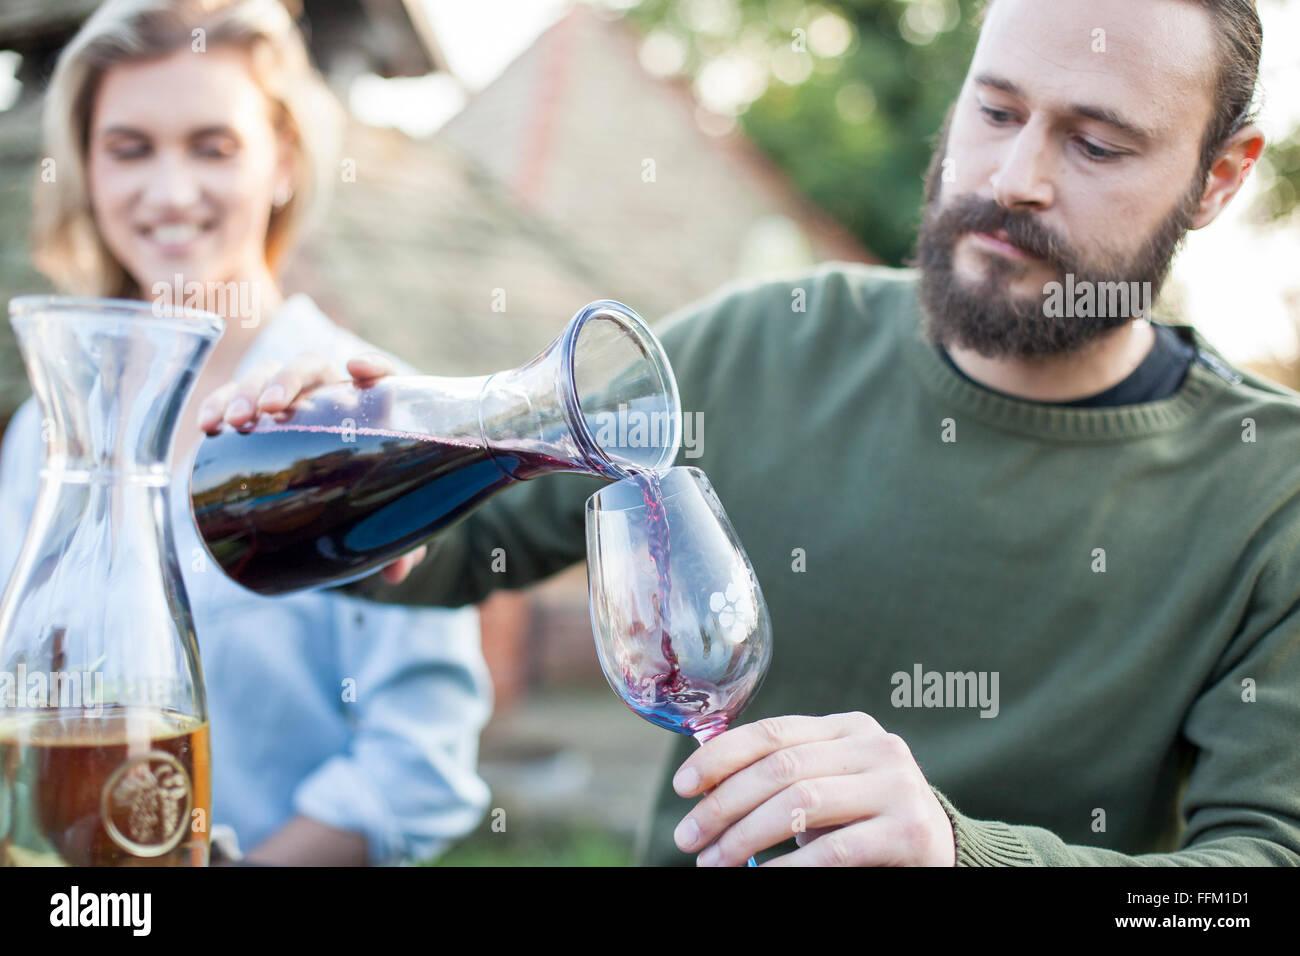 El hombre vino tinto vertido en garden party Imagen De Stock